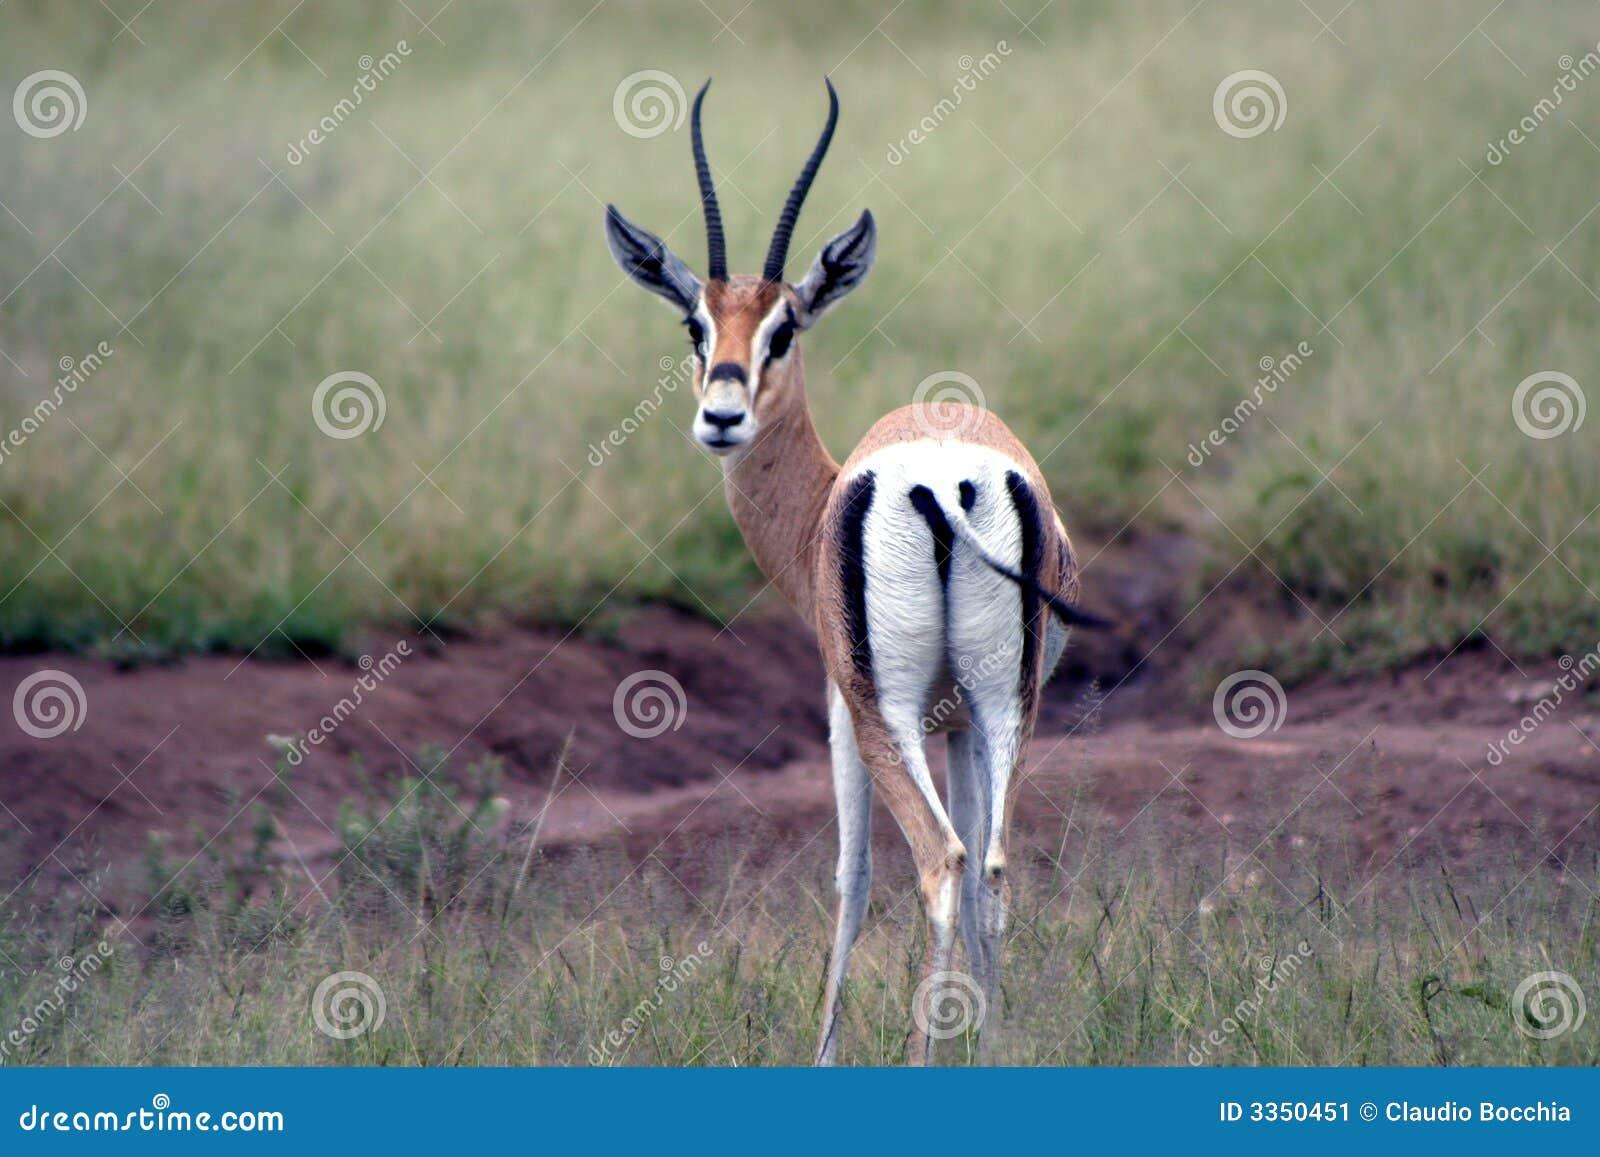 Animais selvagens em Tanzânia